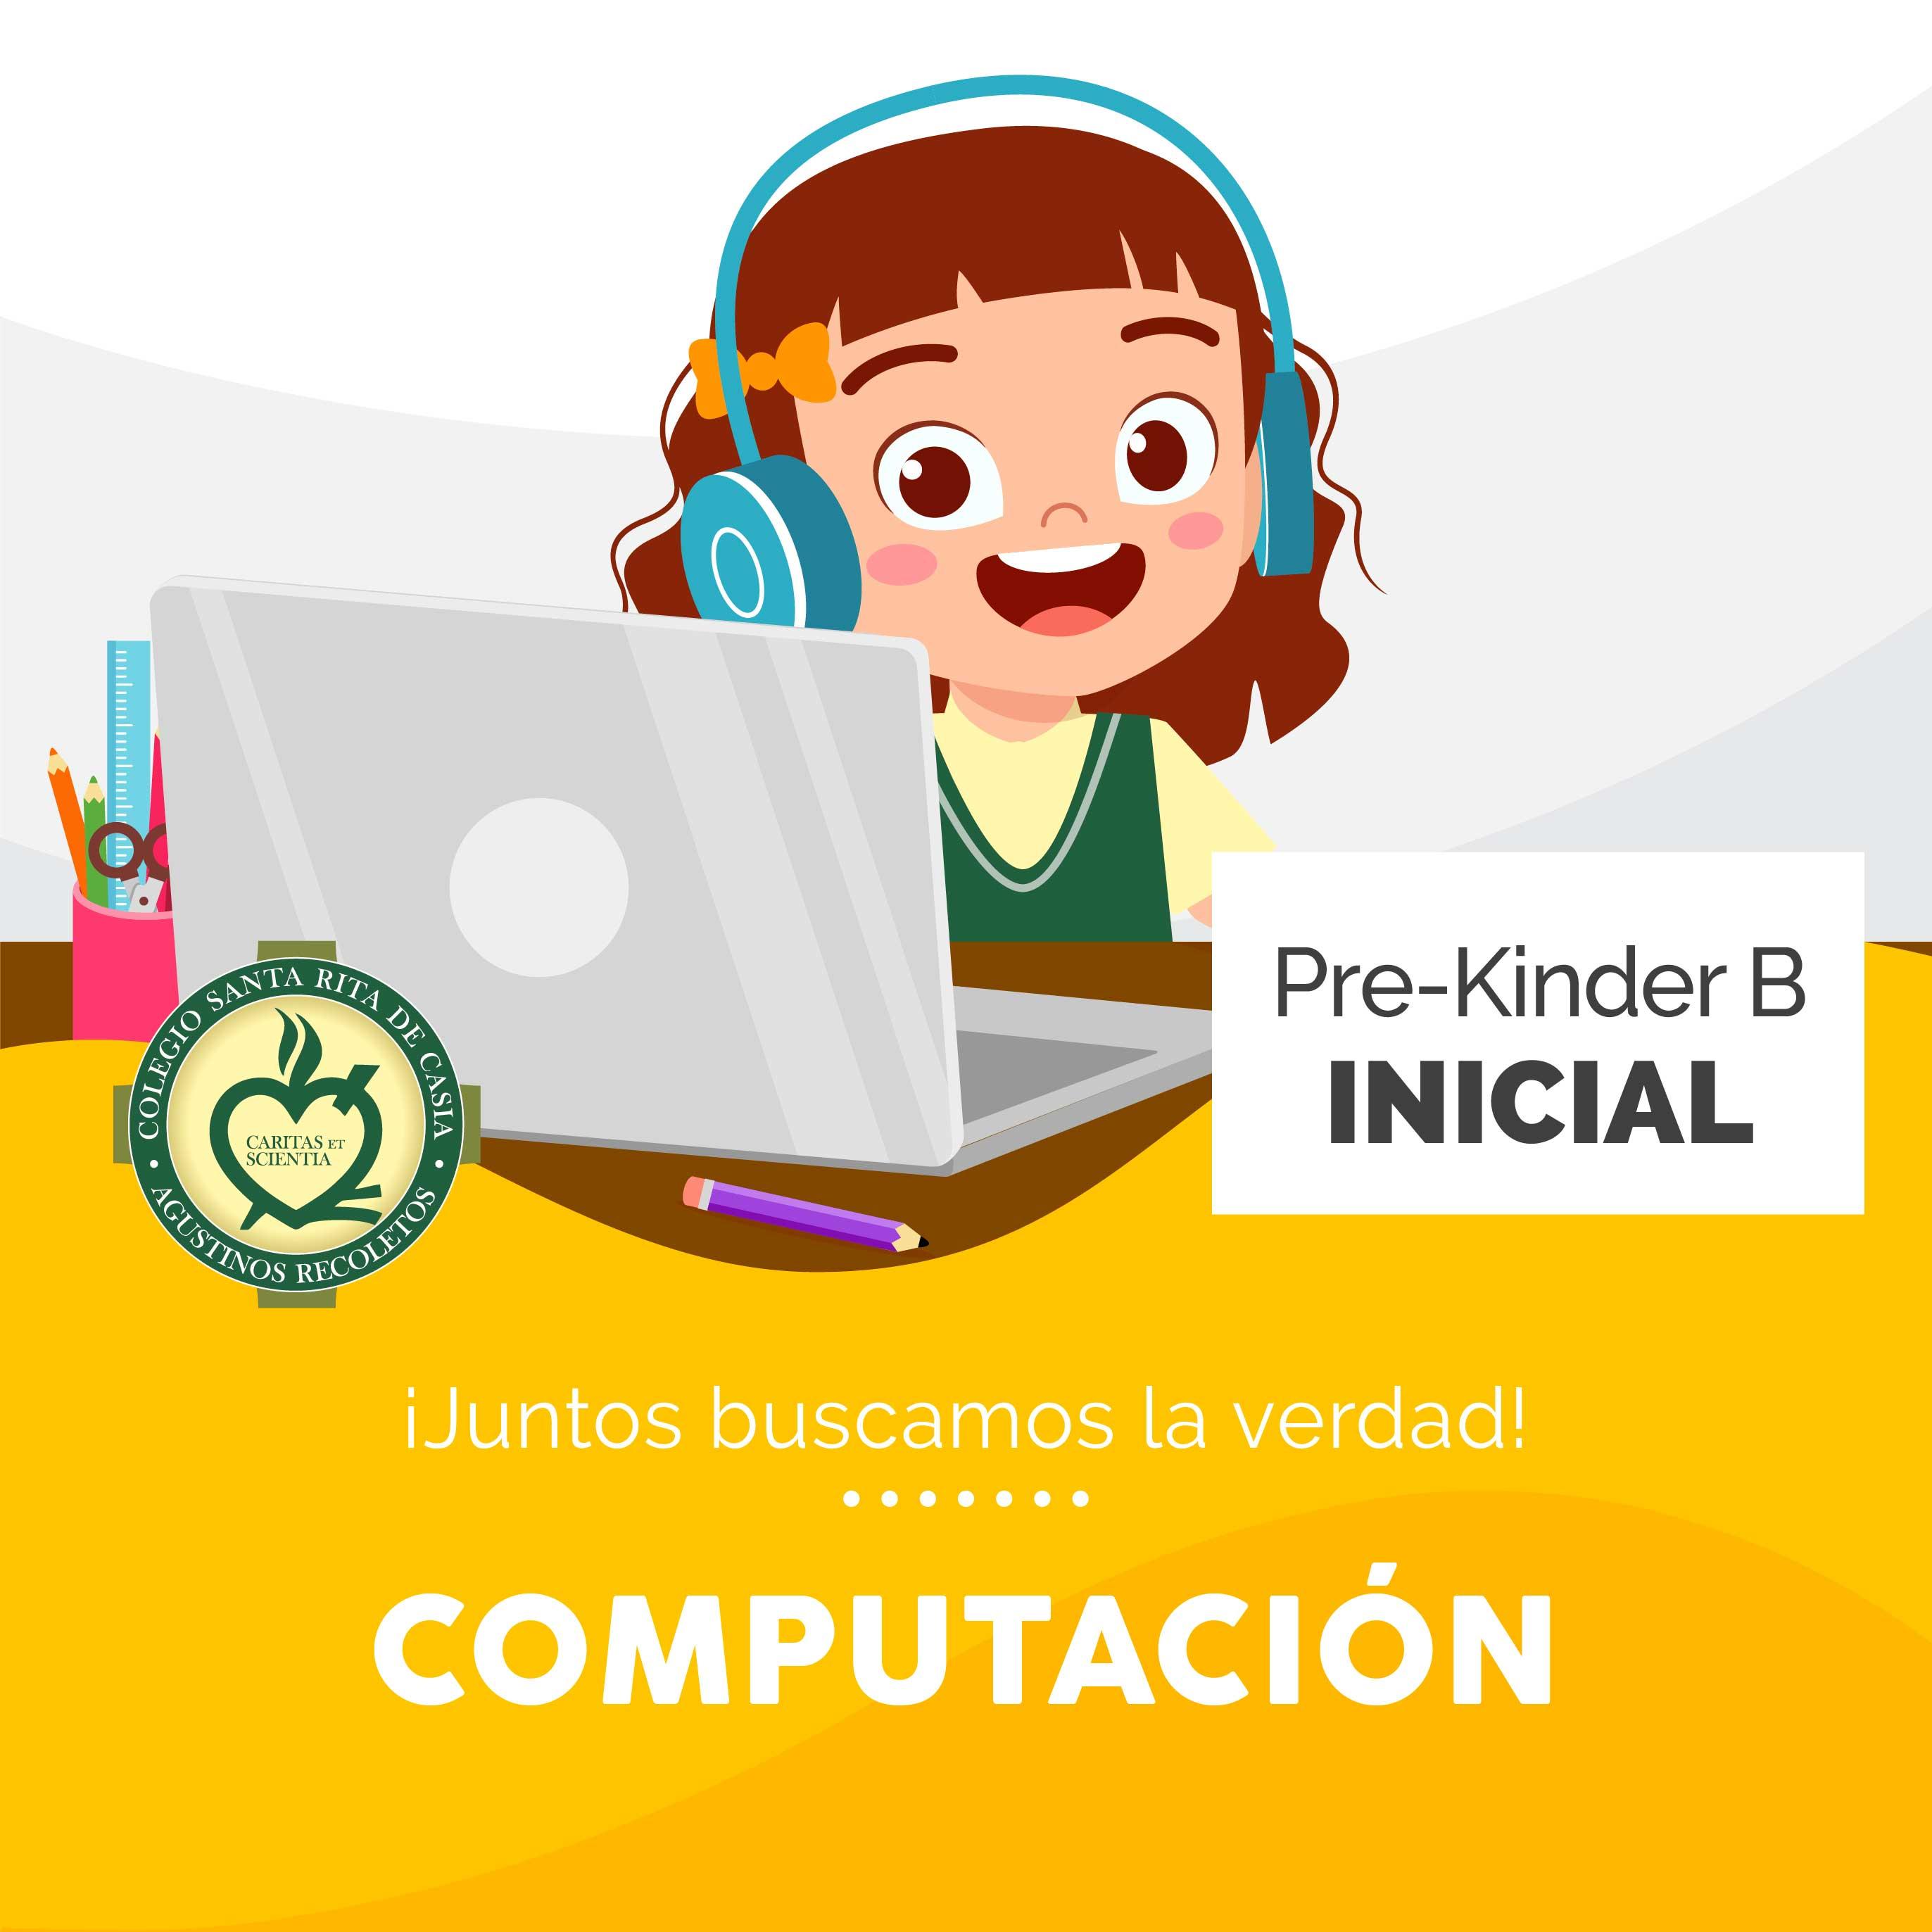 Computación Pre-Kinder B